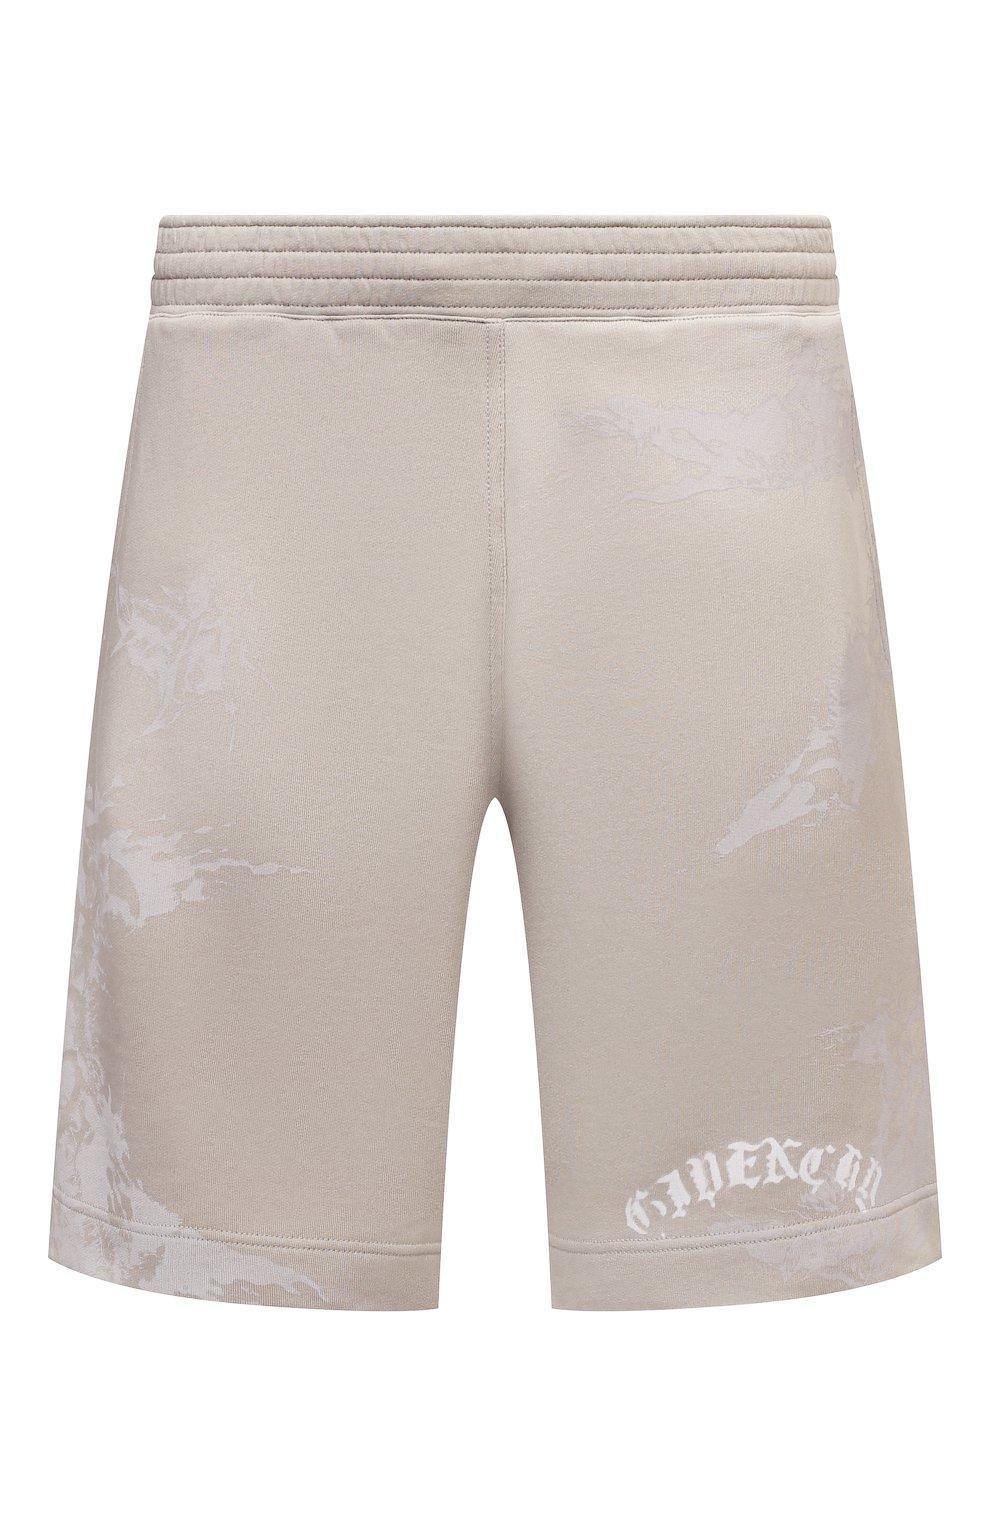 Мужские хлопковые шорты GIVENCHY светло-бежевого цвета, арт. BM50WK3Y6A   Фото 1 (Длина Шорты М: Ниже колена; Принт: С принтом; Кросс-КТ: Трикотаж; Материал внешний: Хлопок; Стили: Спорт-шик)